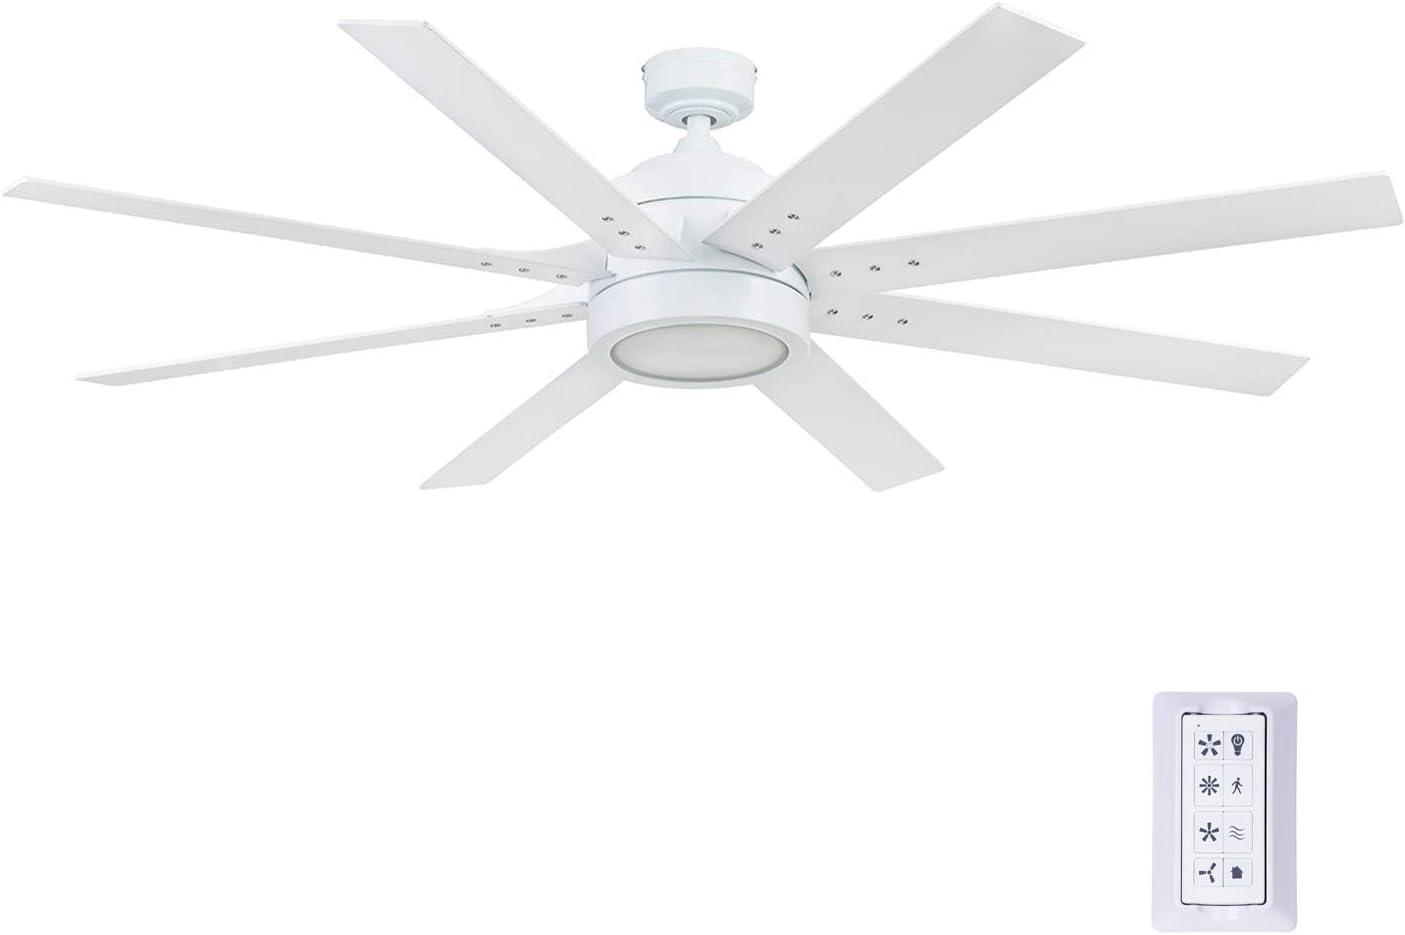 62 Matte Black Honeywell Ceiling Fans 51473-01 Xerxes Ceiling Fan